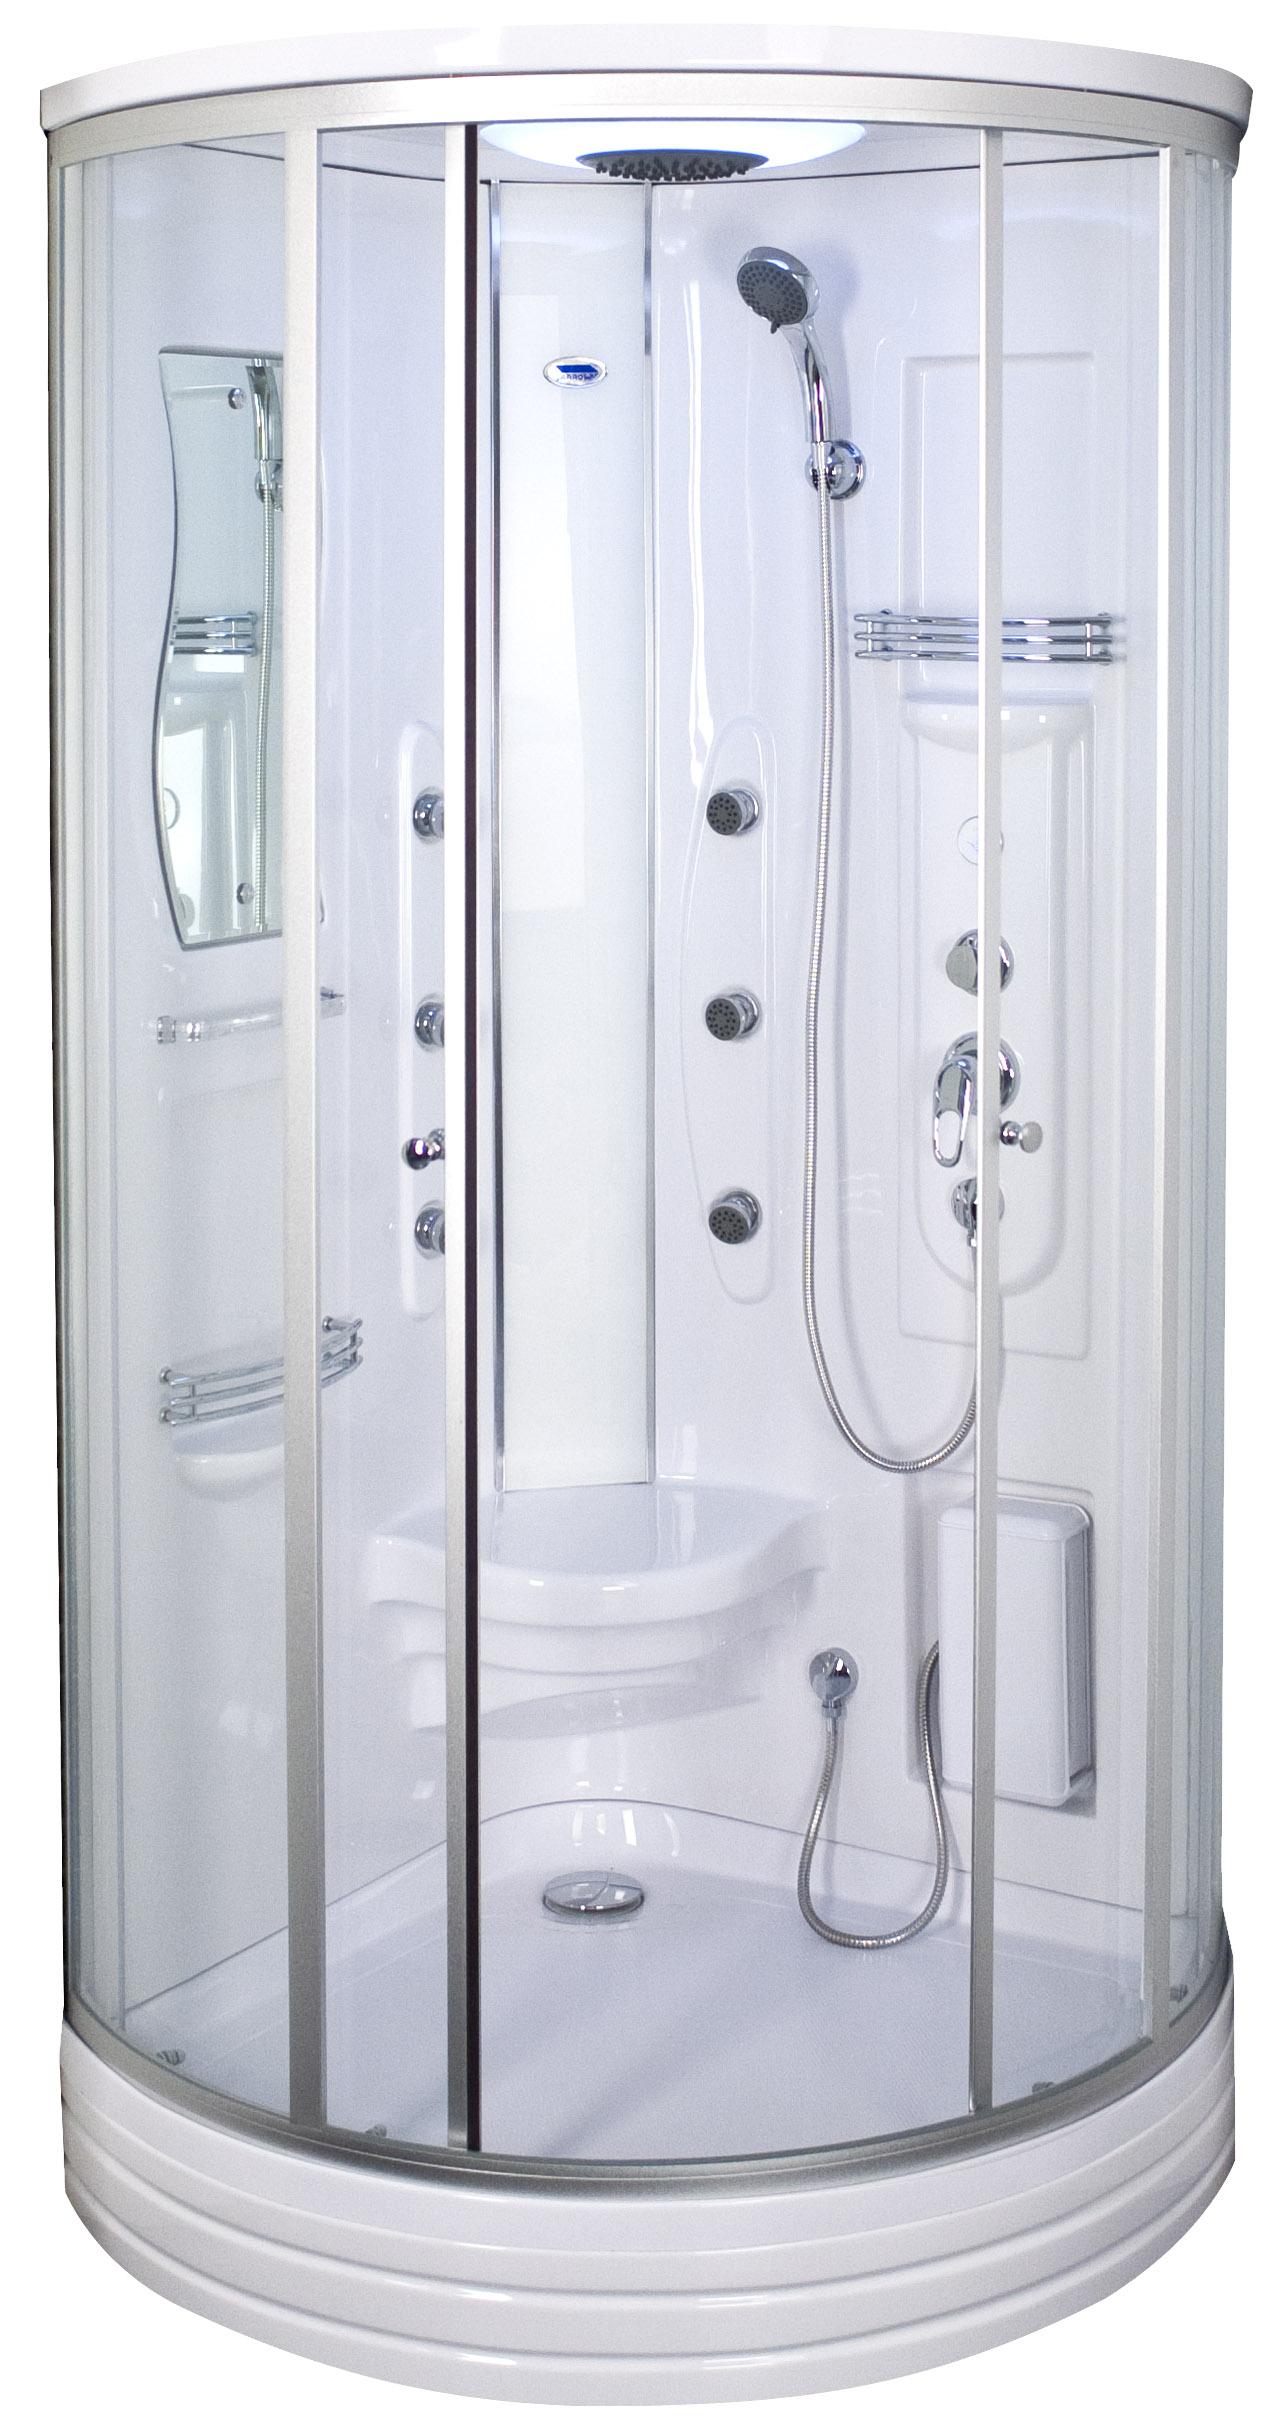 Sprchové kabíny s horúcou vaňou DUSCHY 6015